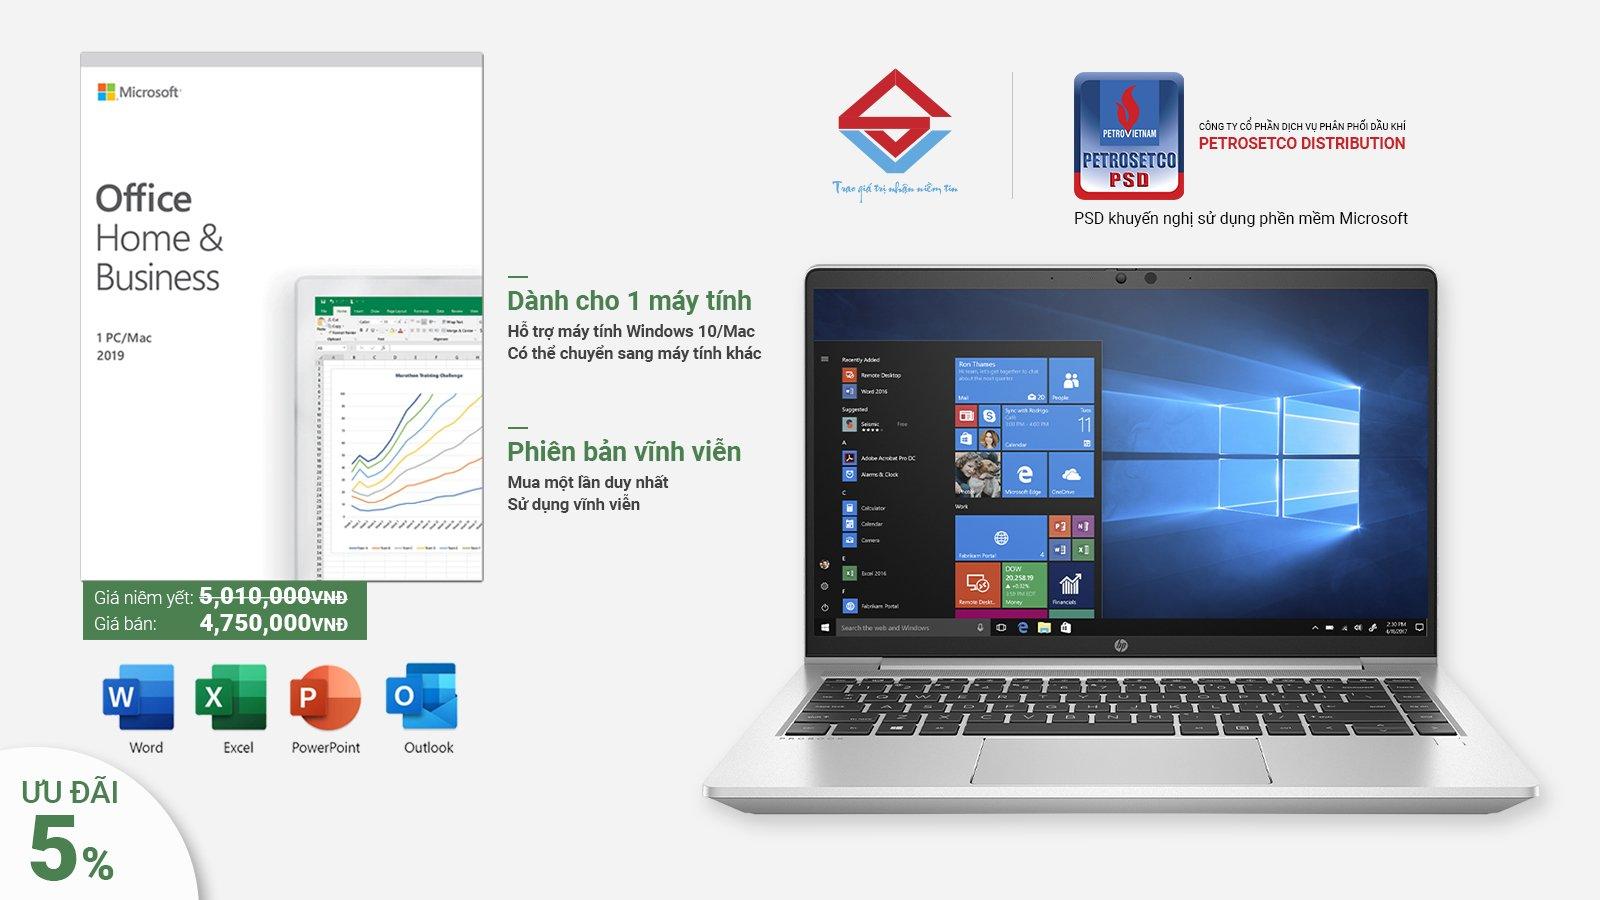 Tự tin tiến bước với Windows và Office bản quyền